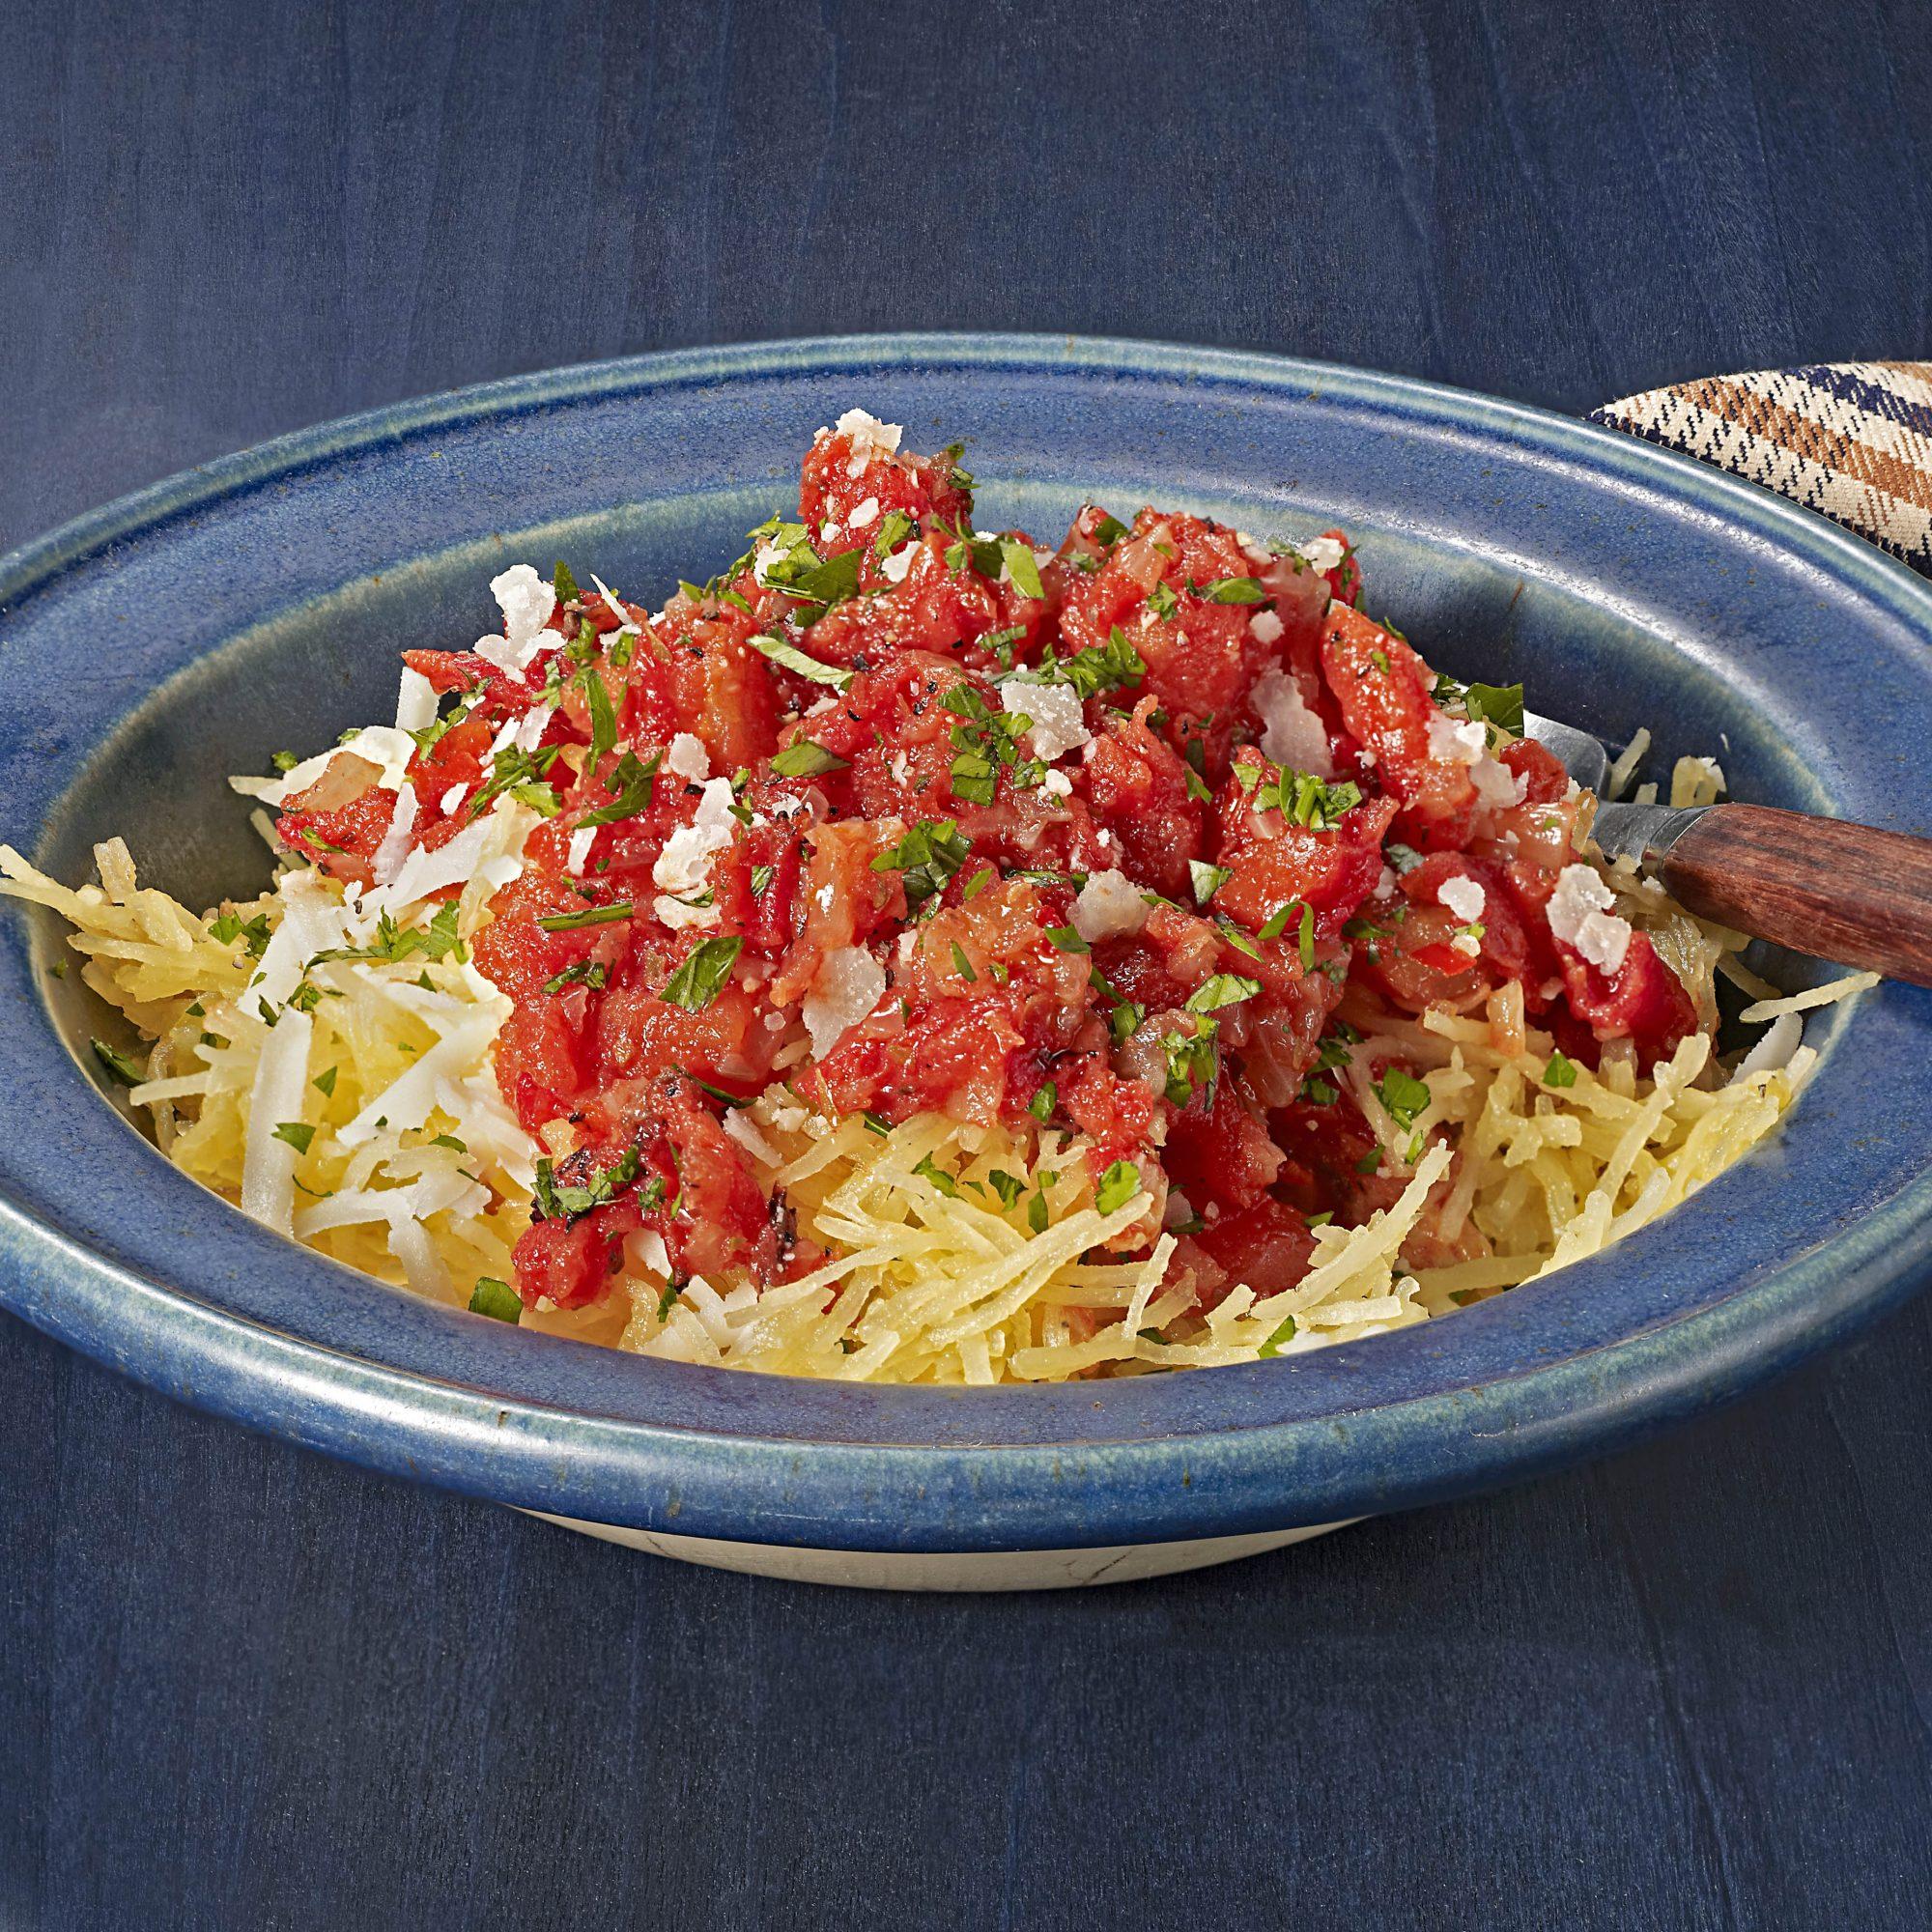 cheesy spaghetti squash with tomato sauce